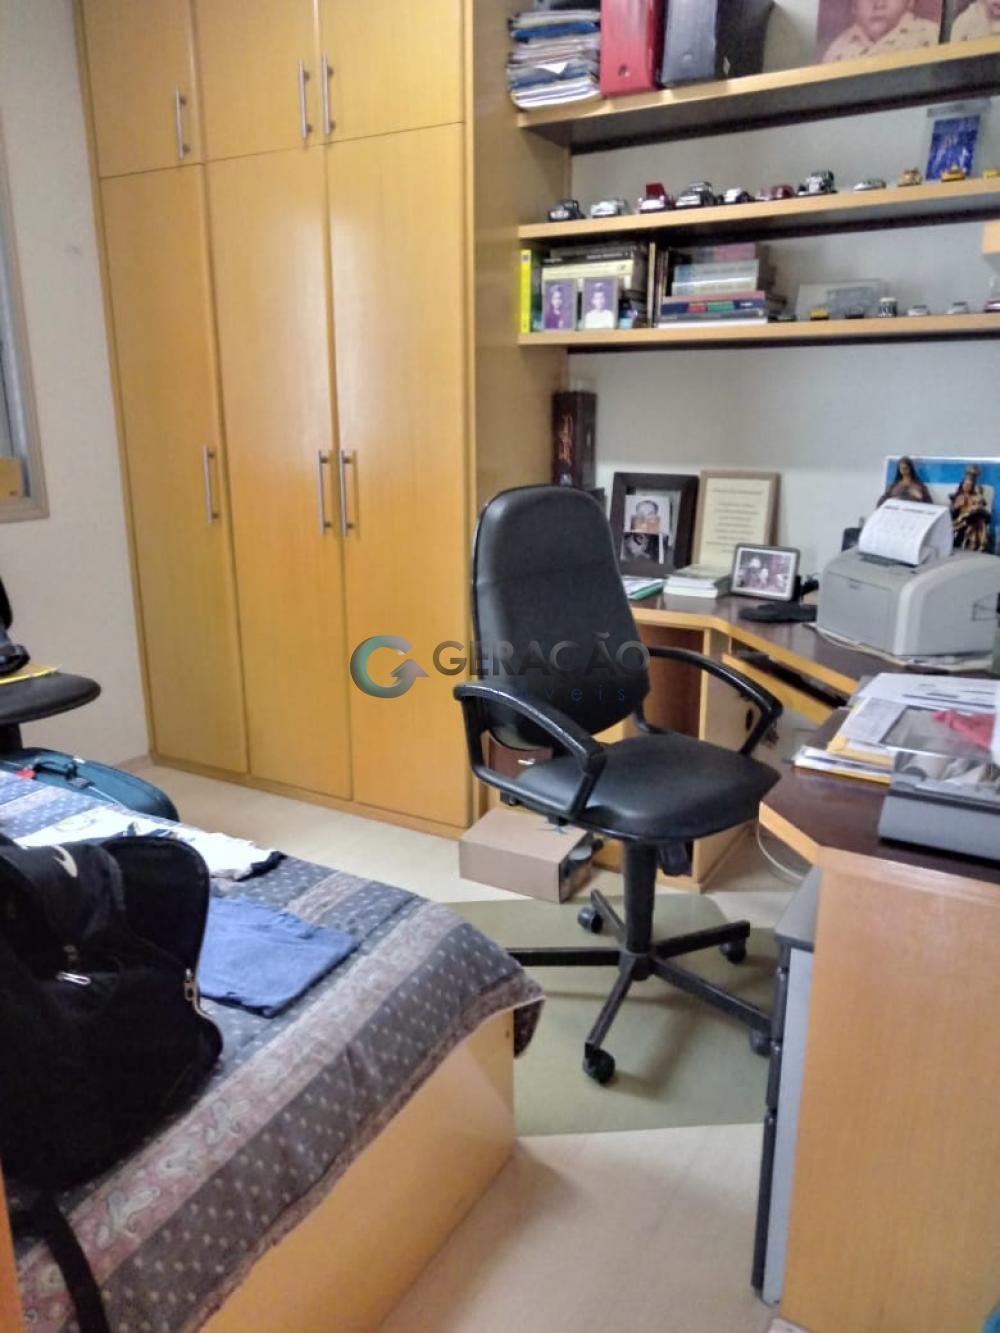 Alugar Apartamento / Padrão em São José dos Campos apenas R$ 1.600,00 - Foto 19